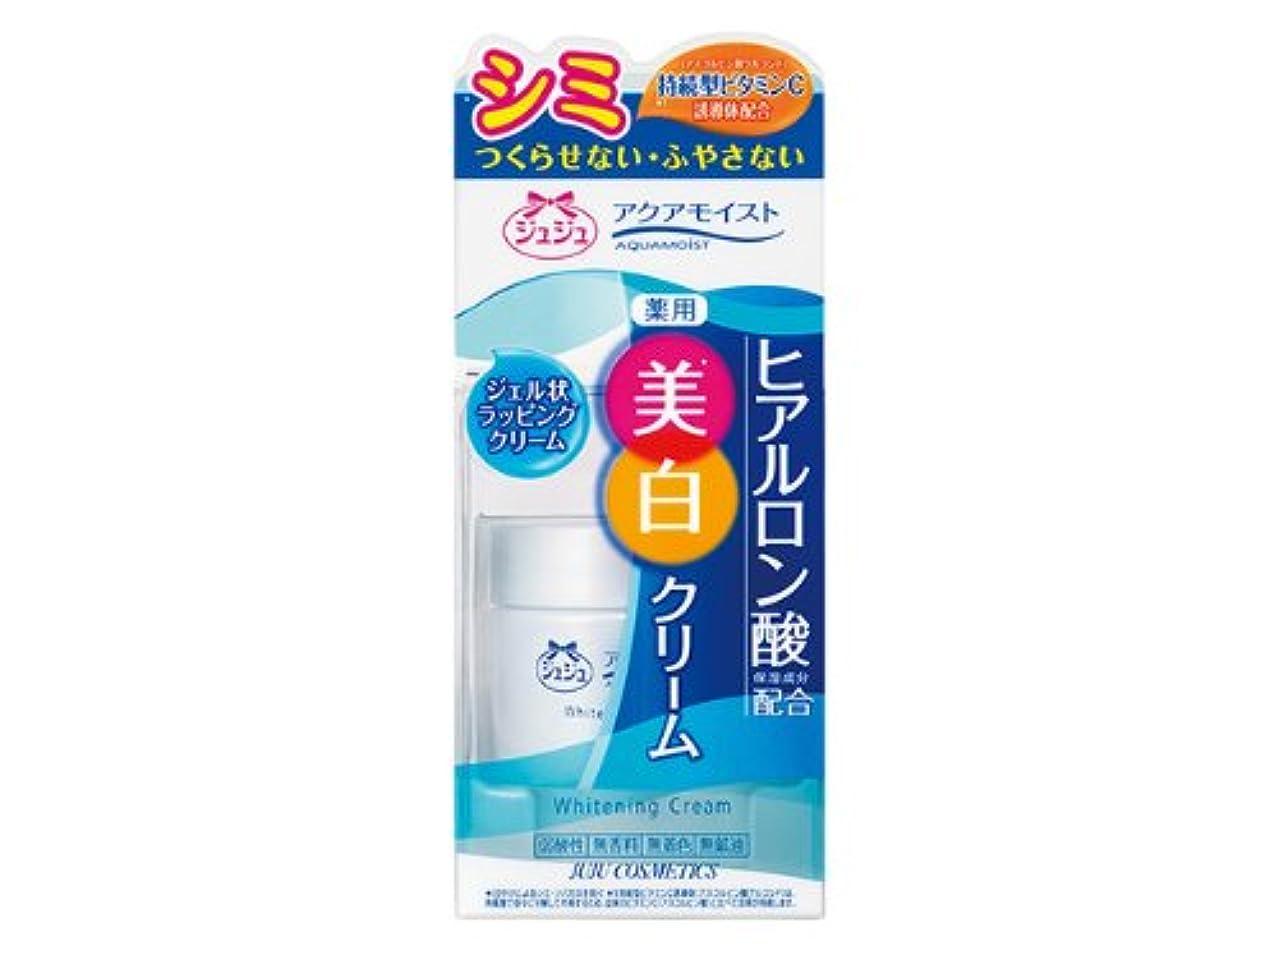 エミュレーションアライメント祝うアクアモイストC 薬用ホワイトニングクリームH 50g 【医薬部外品】